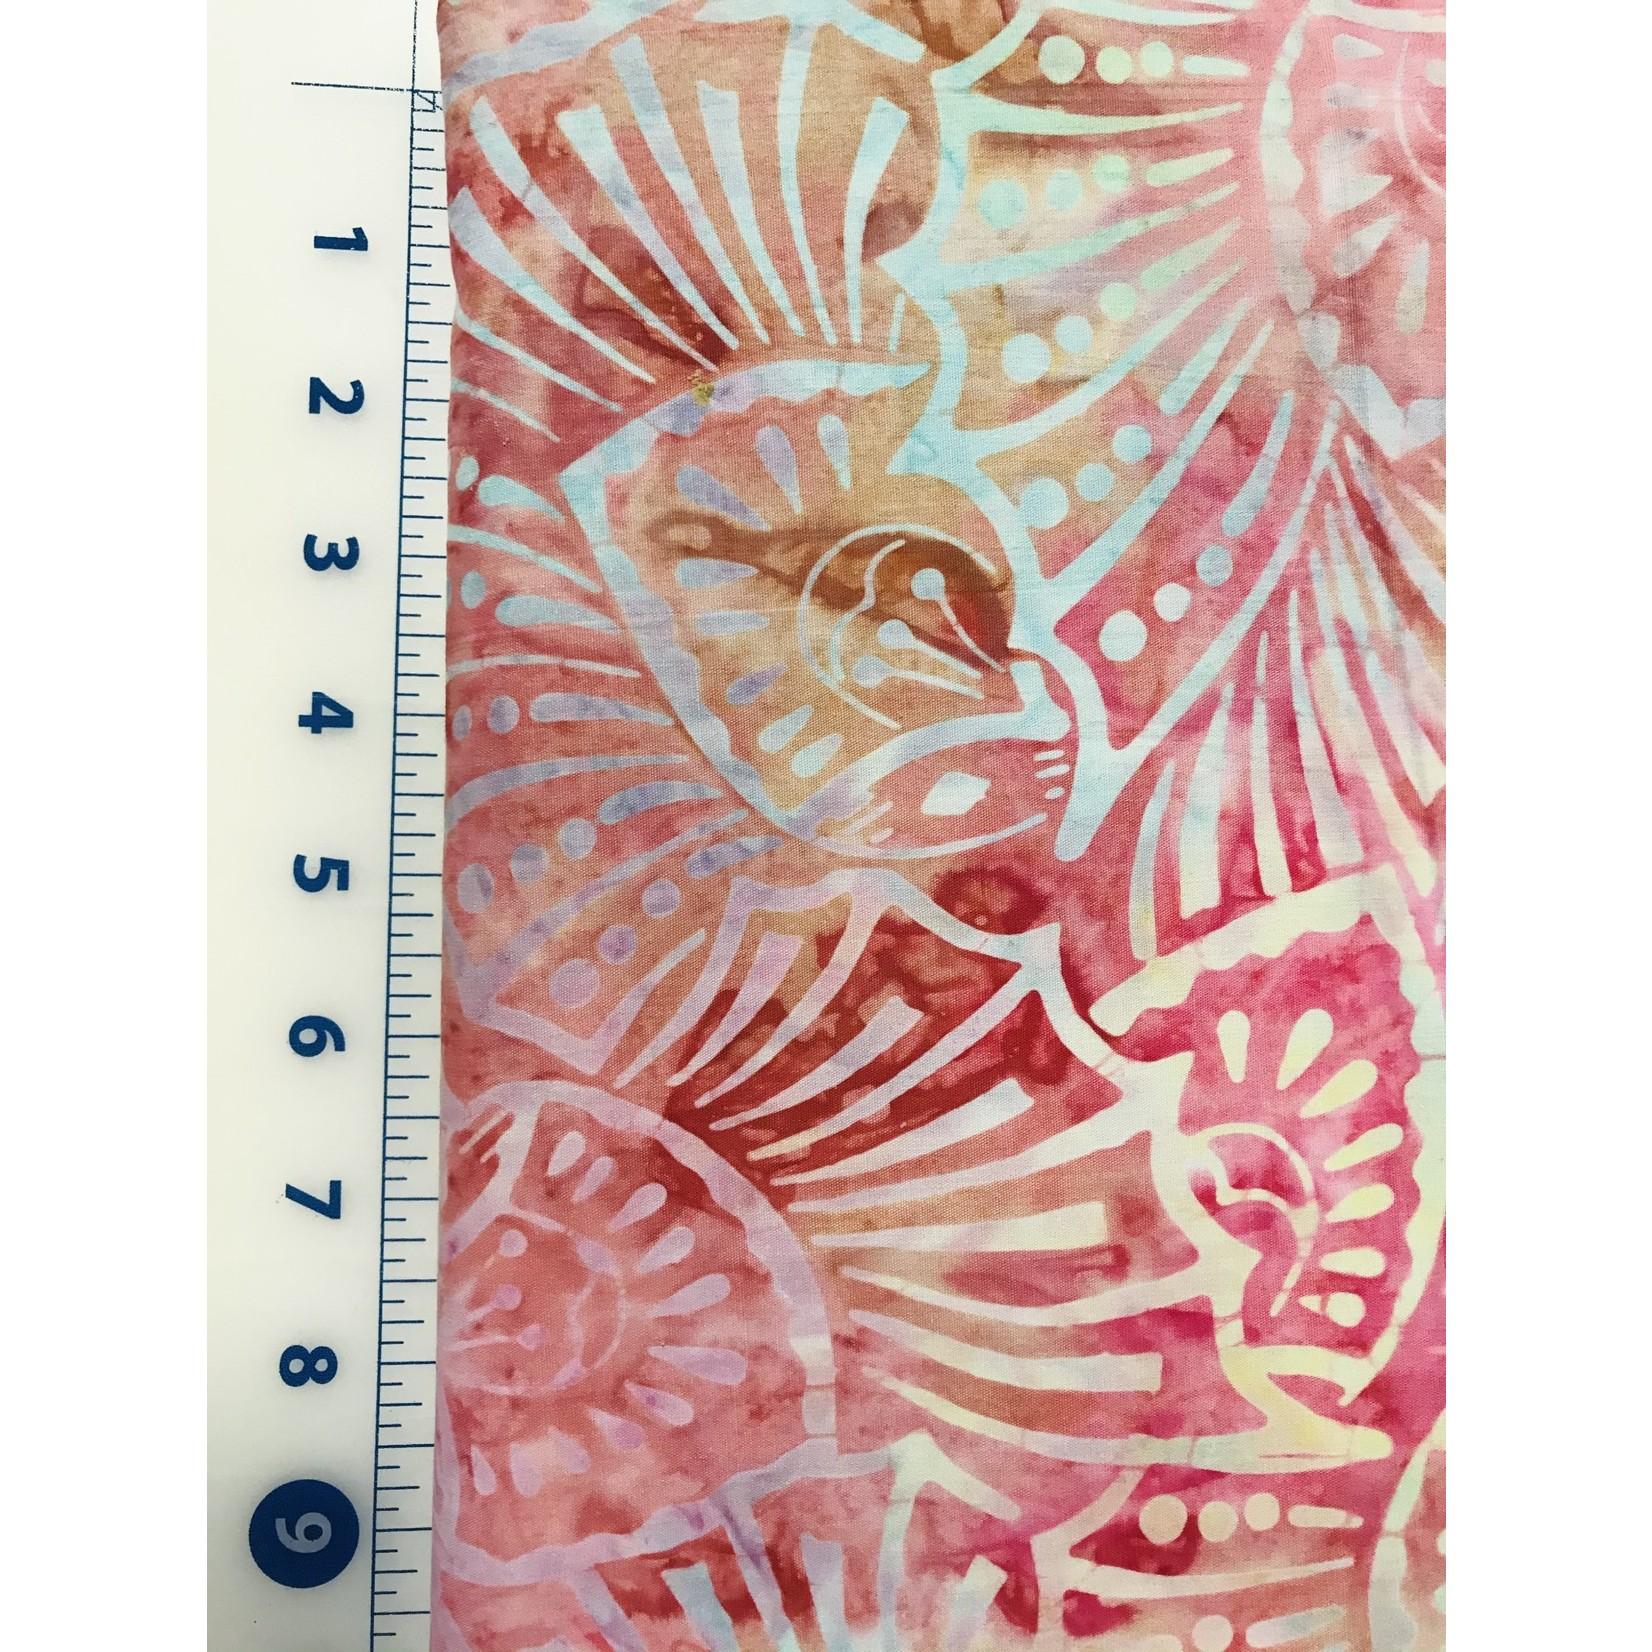 Batik 390cm Blue Yellow Clamshells on Deep Rose Batik $0.16 per cm or $16/m